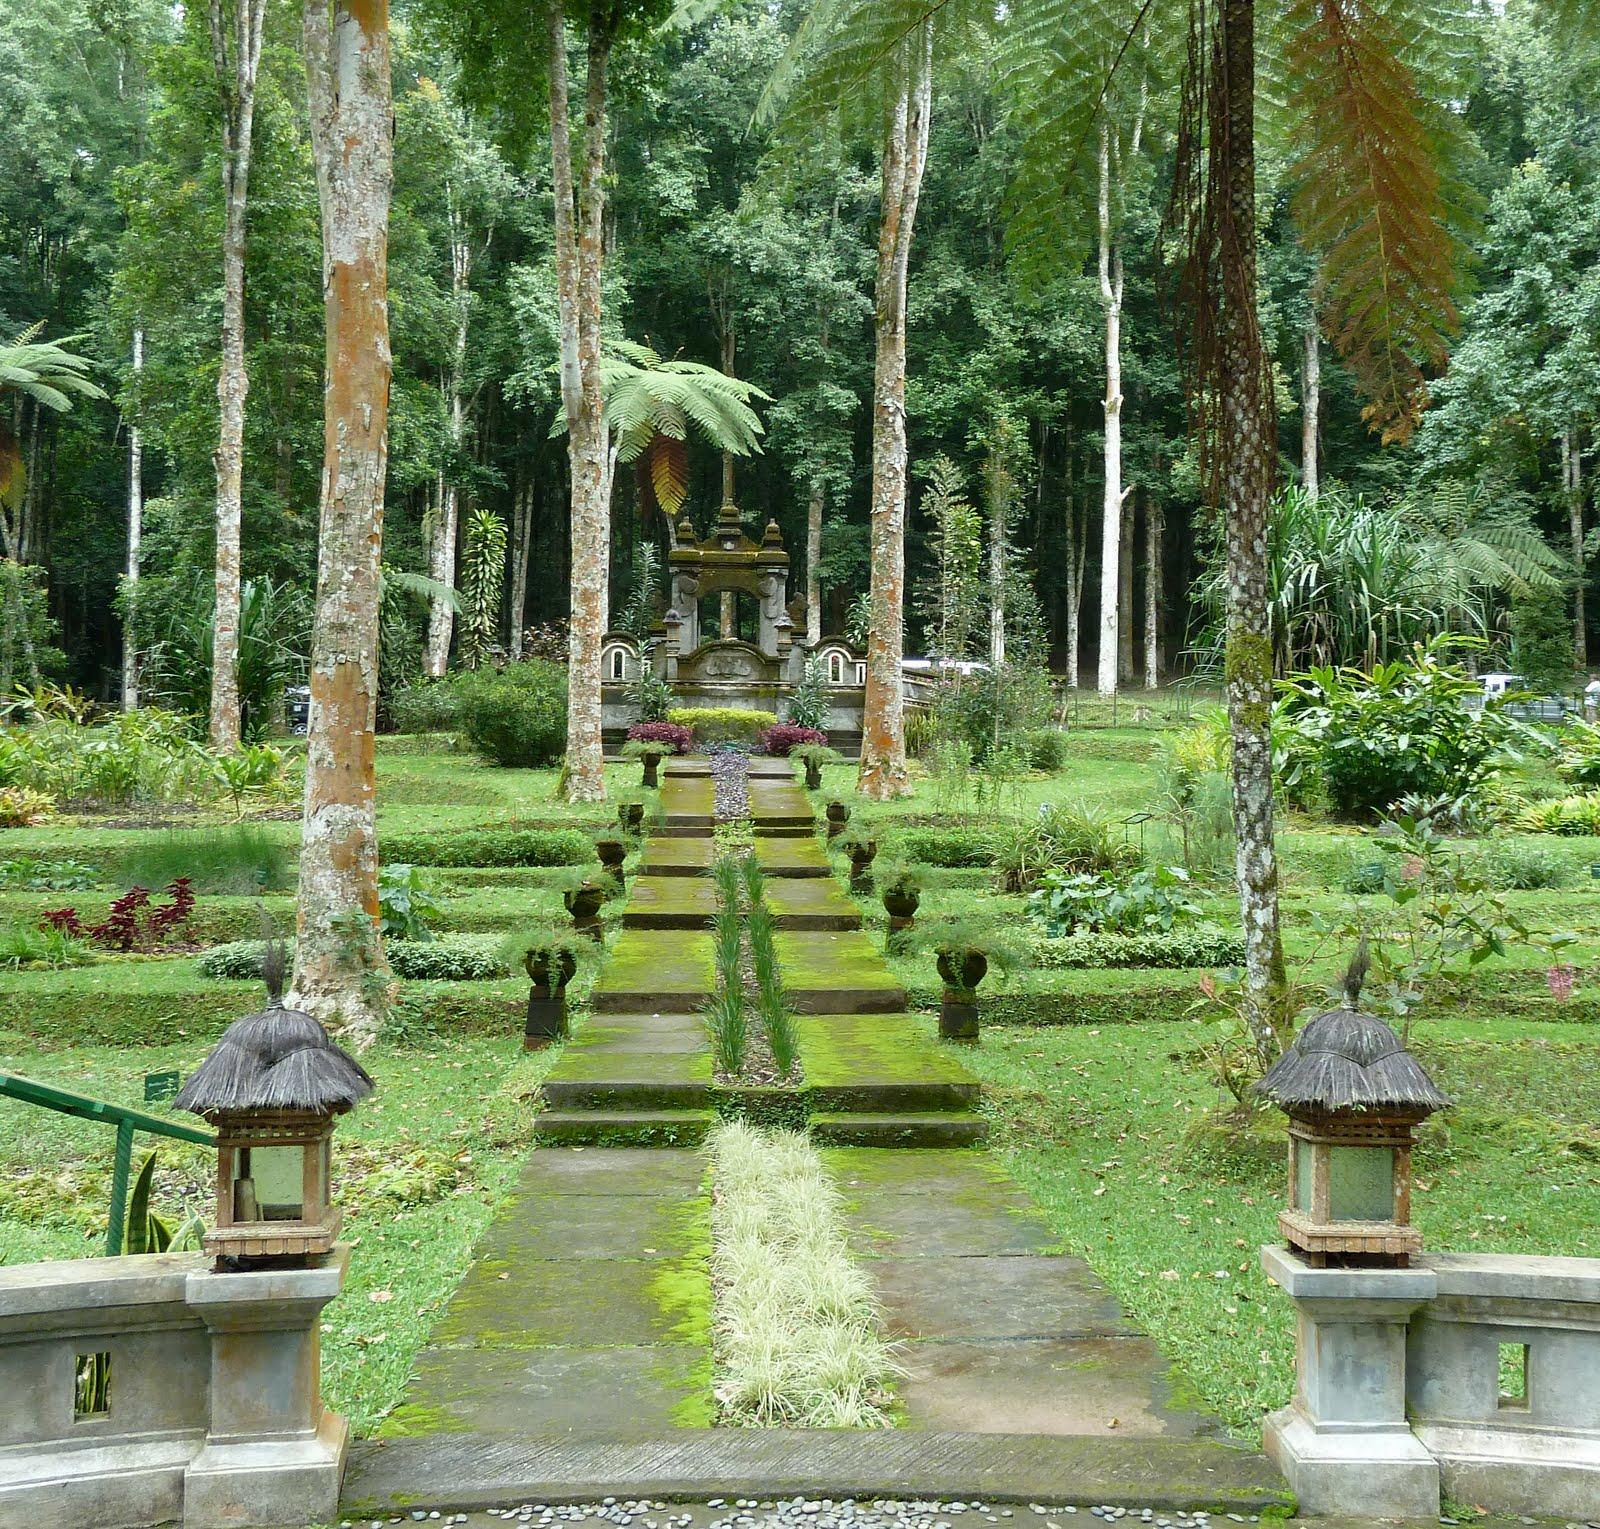 Tempat Wisata Terkenal Di Tabanan, Bali